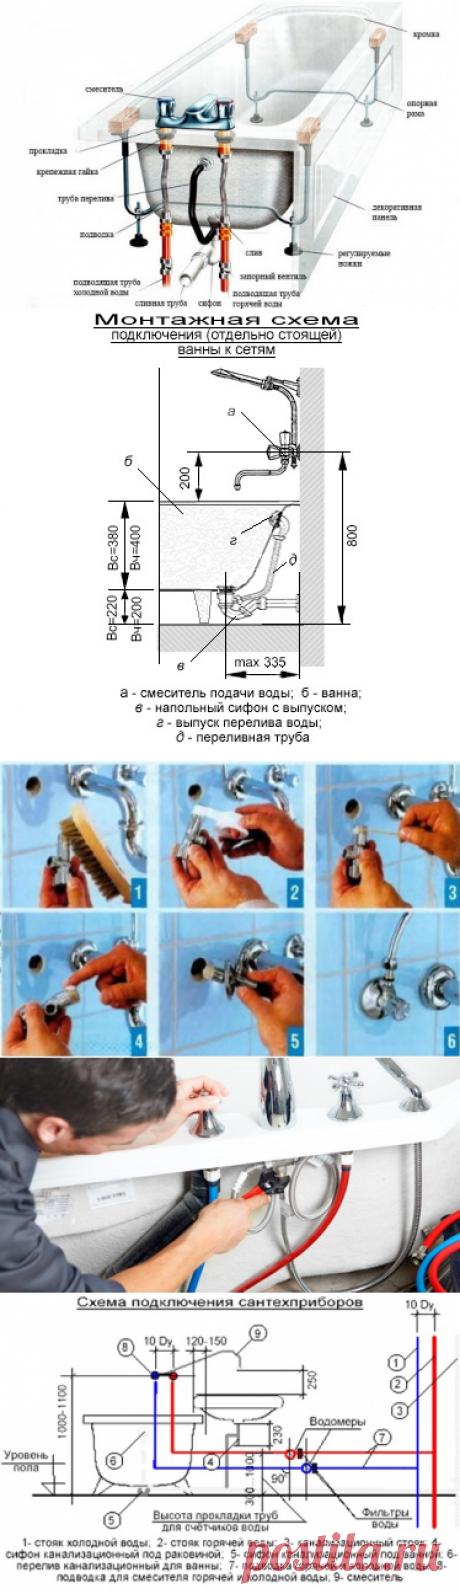 Как подключить ванну к канализации?